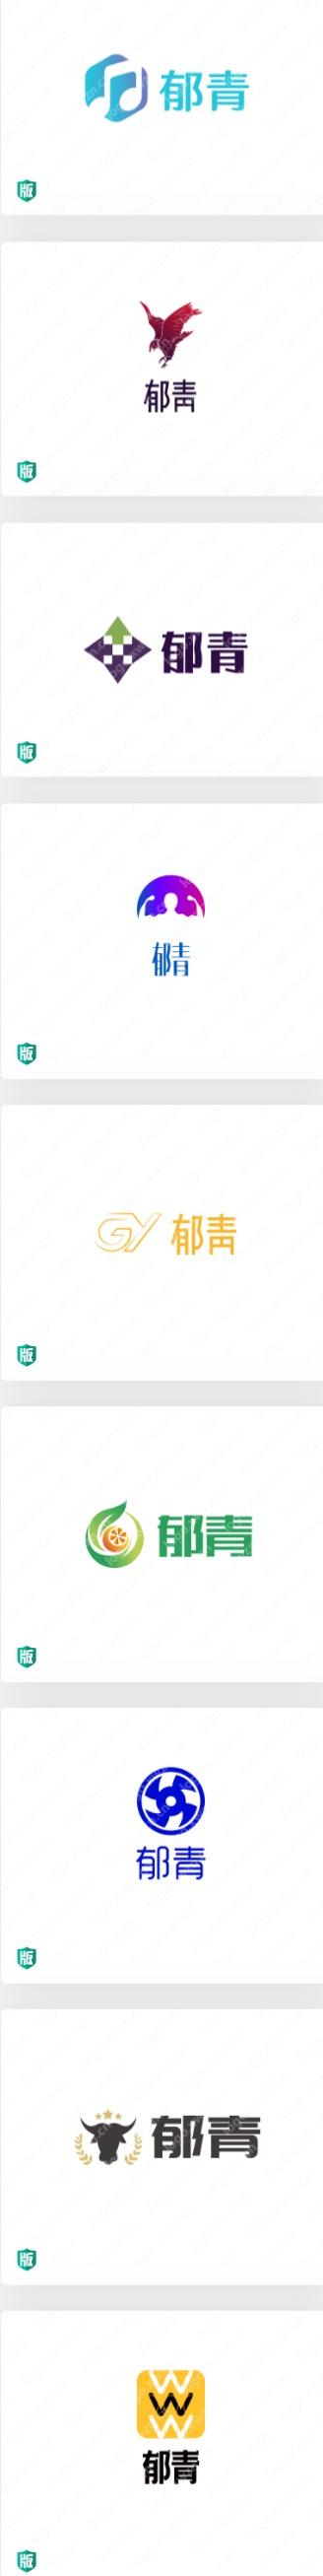 """15款非常符合环保公司的特征logo""""郁青""""案例赏析"""